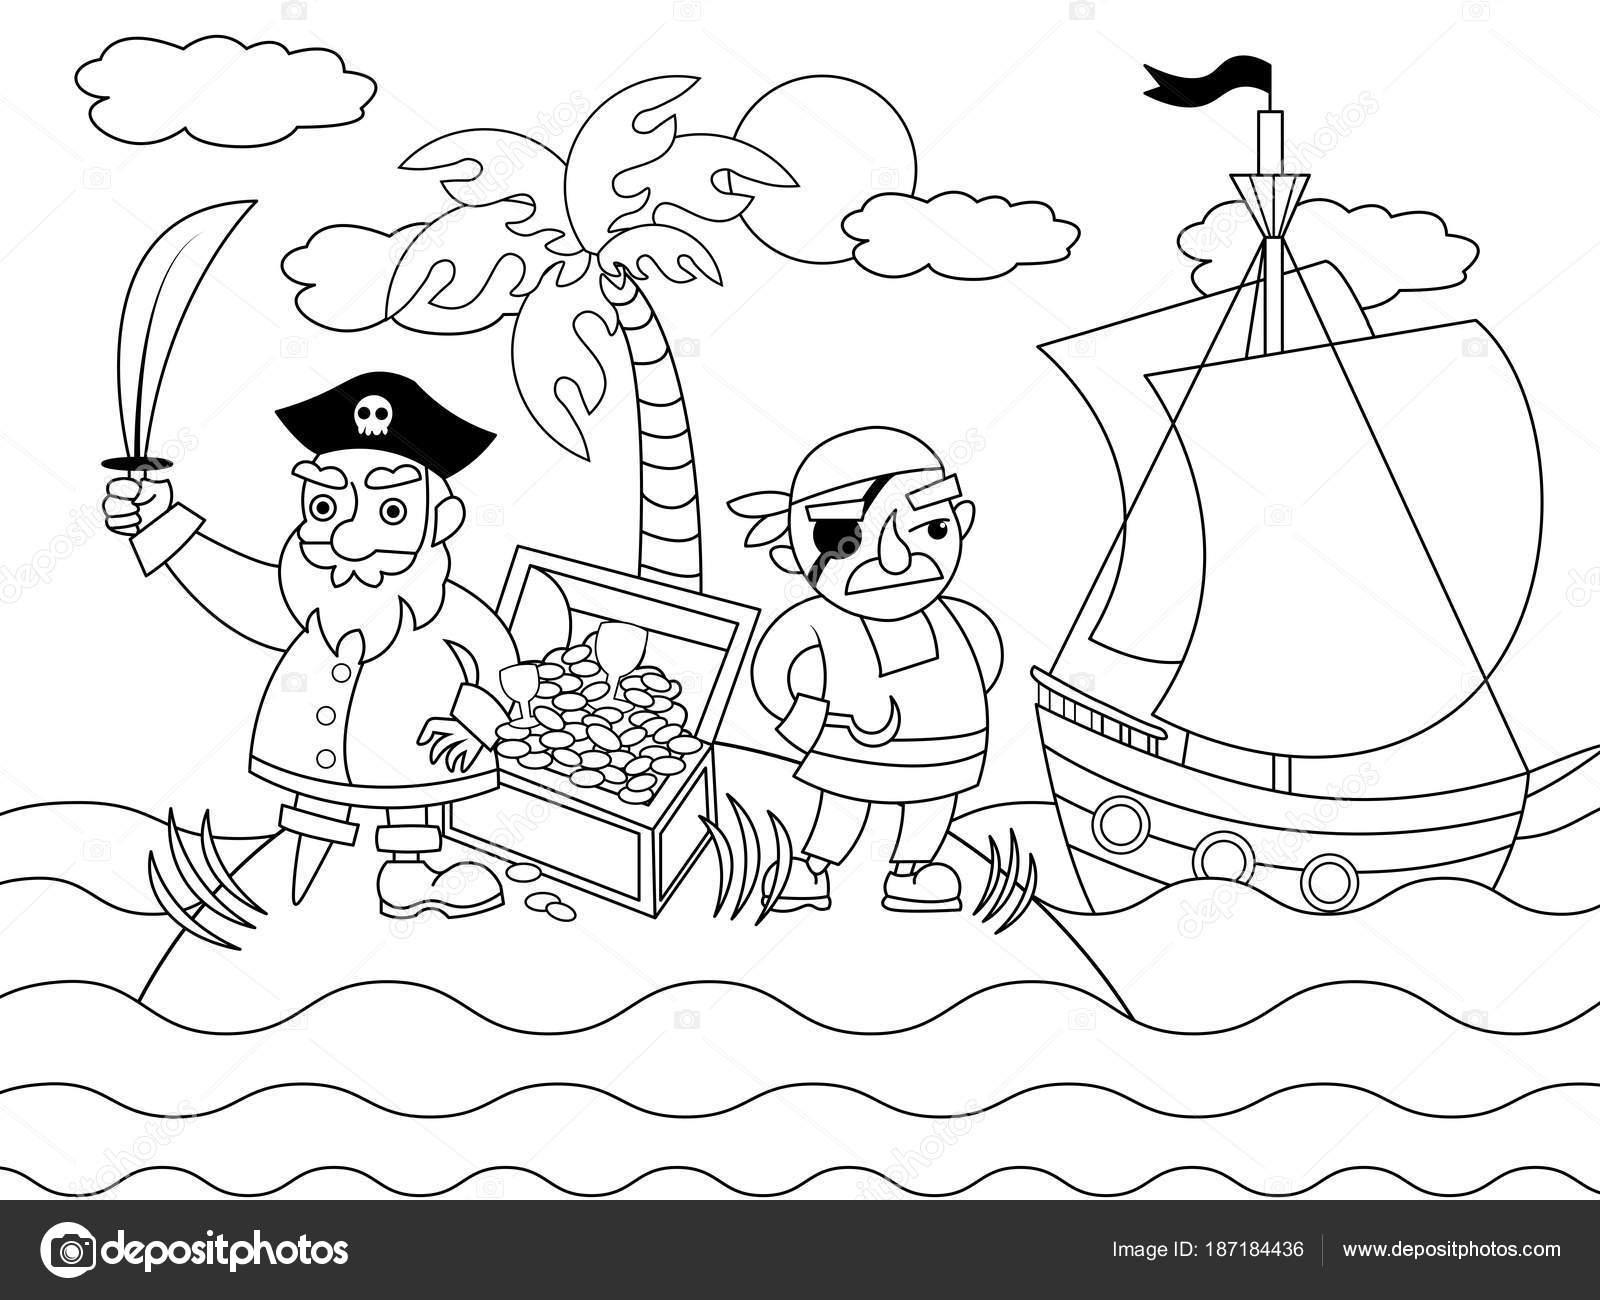 piraten kleurplaat vectorillustratie stockvector